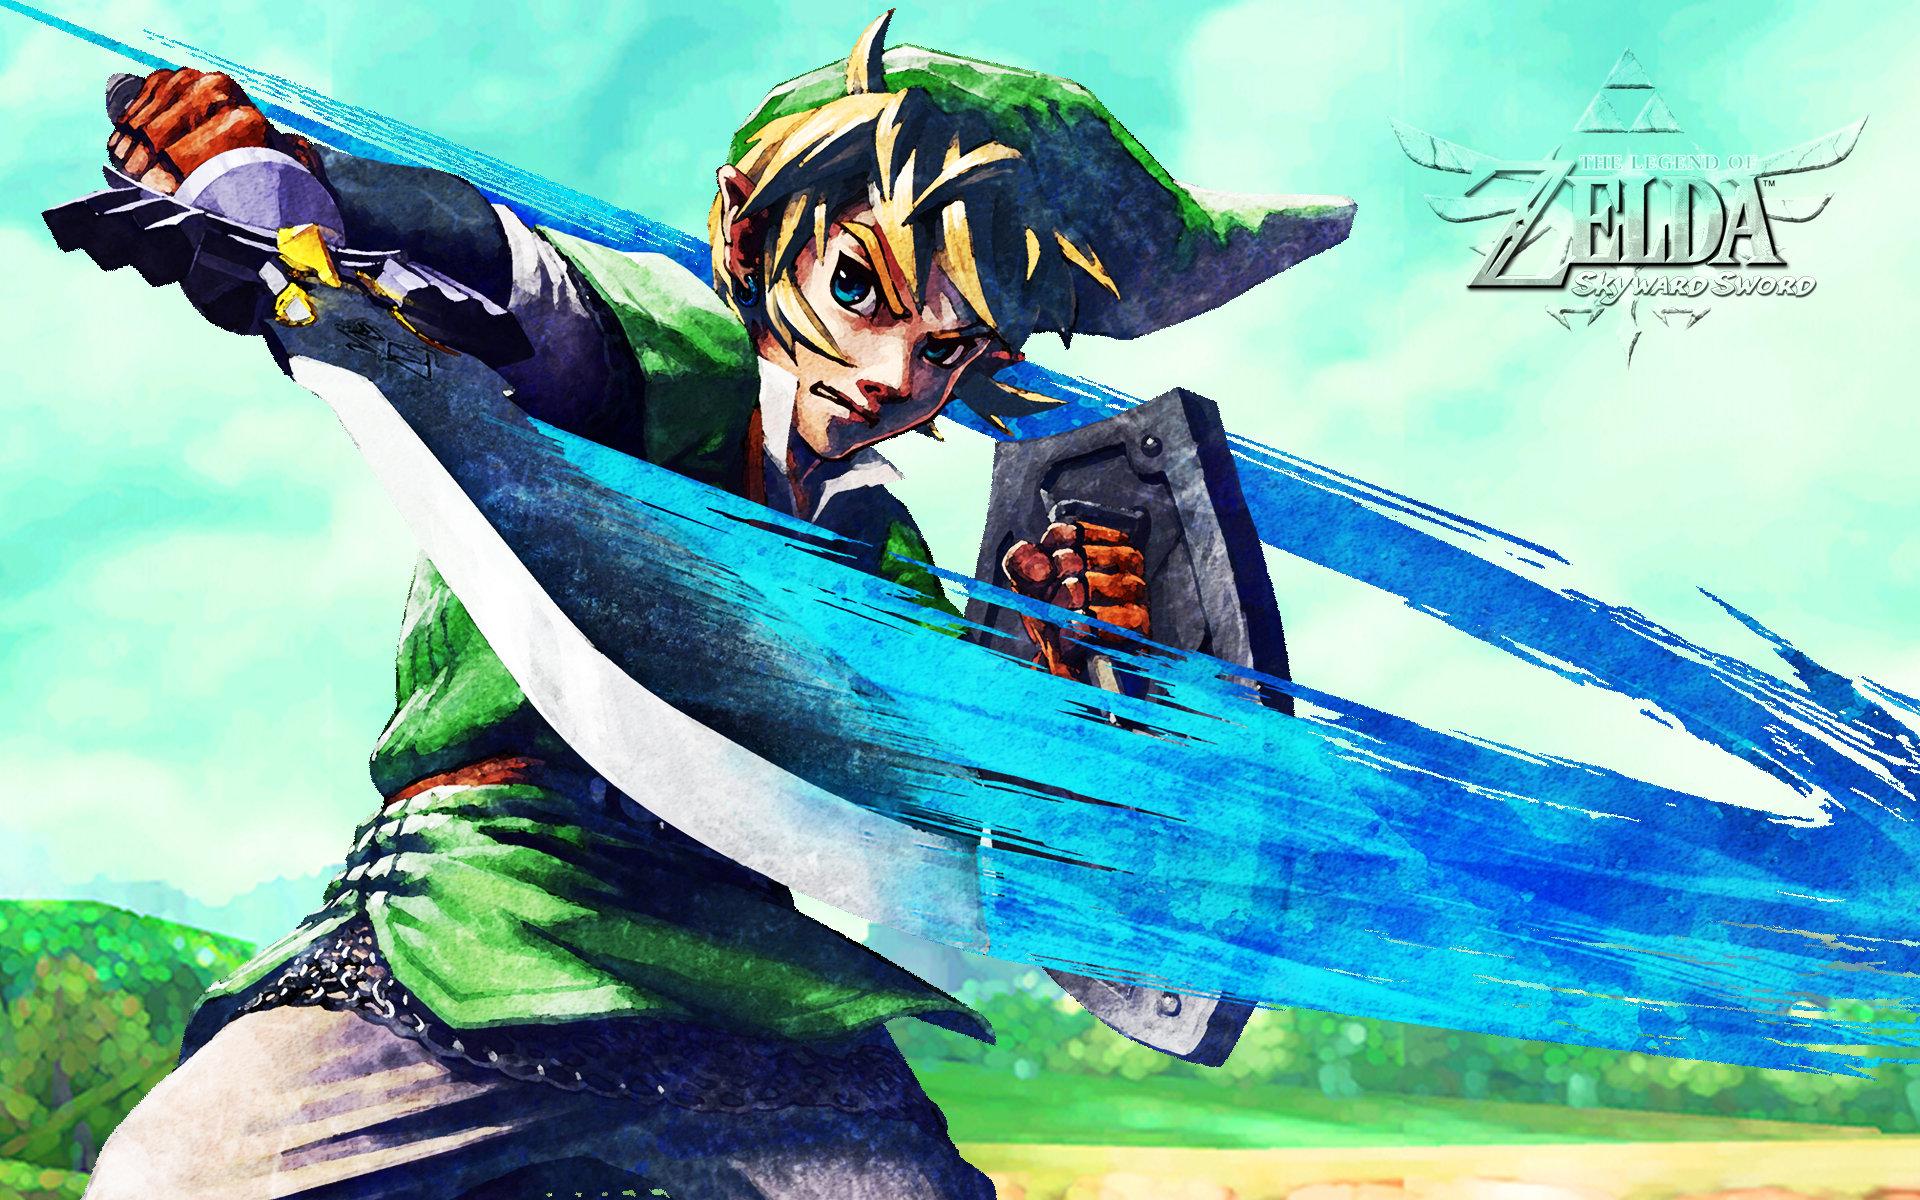 The Legend Of Zelda Skyward Sword Wallpapers Hd For Desktop